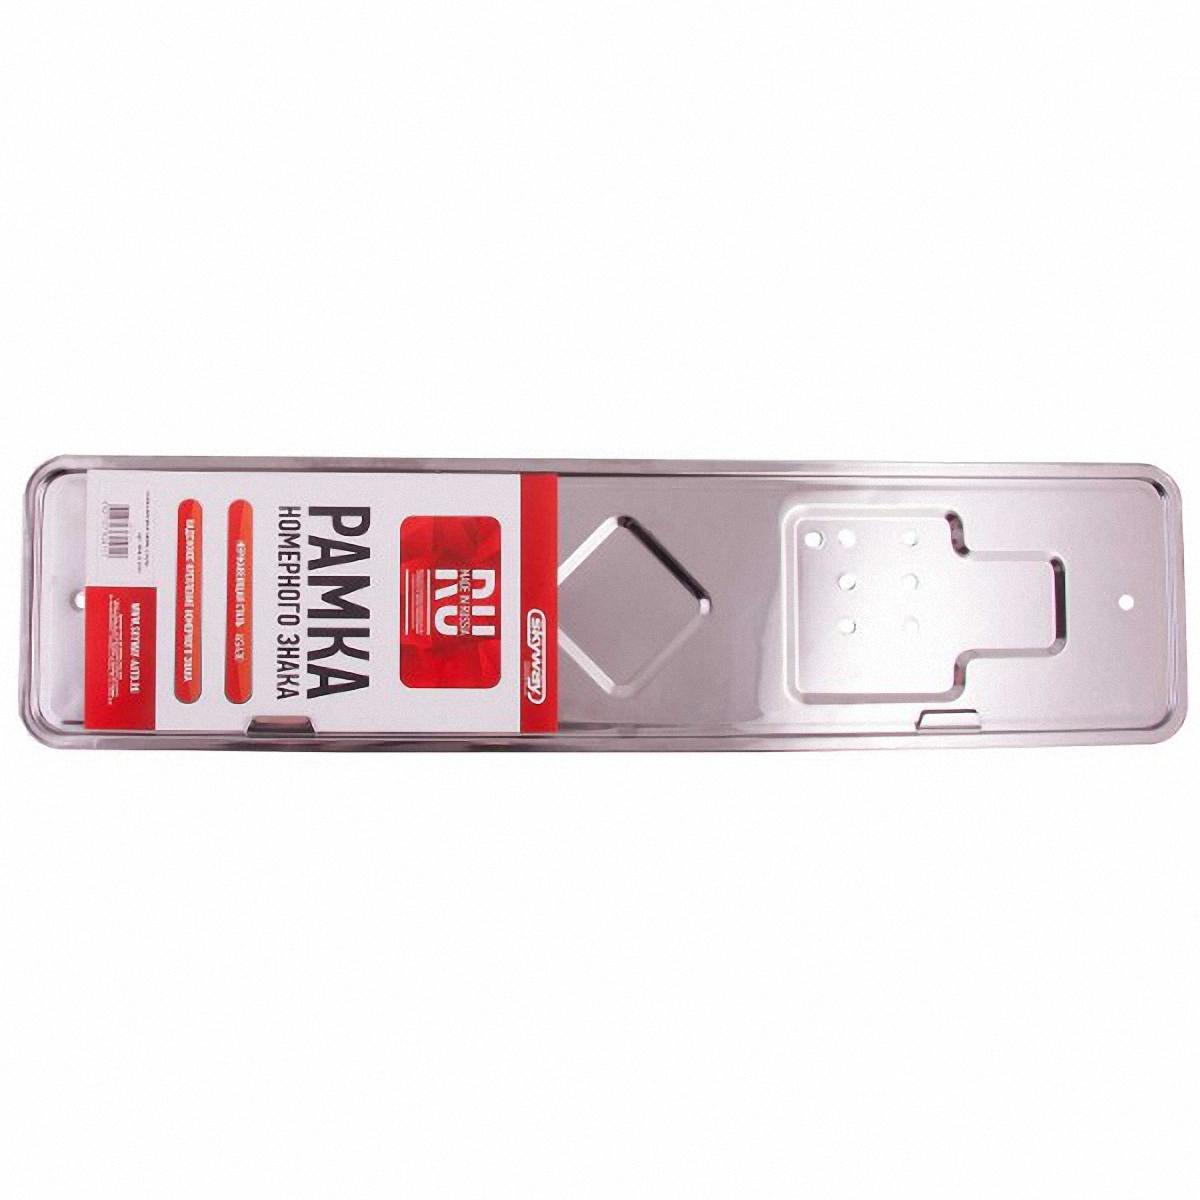 Рамка под номер Skyway, из нержавеющей сталиS04101005Рамка под номер металл. нержавеющая сталь предназначена для того, чтобы фиксировать номерной знак на автомобиле, а также для защиты кузова автомобиля от соприкосновения с номерным знаком. Рамка изготовлена из нержавеющей стали. Надолго сохраняет внешний вид, не разрушается и не деформируется от ударов. Характеристики: Высота верхнего поля - 6мм Высота нижнего поля - 6мм